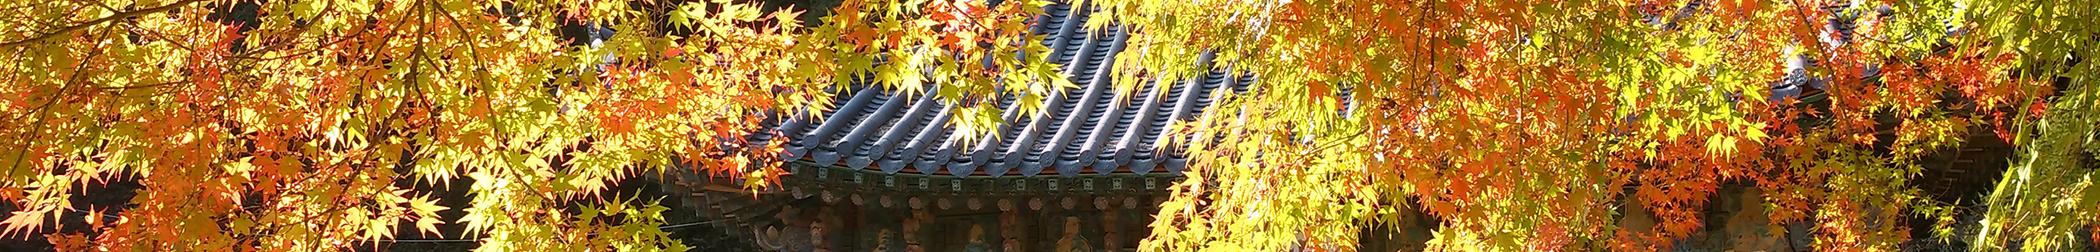 autumn-1514177